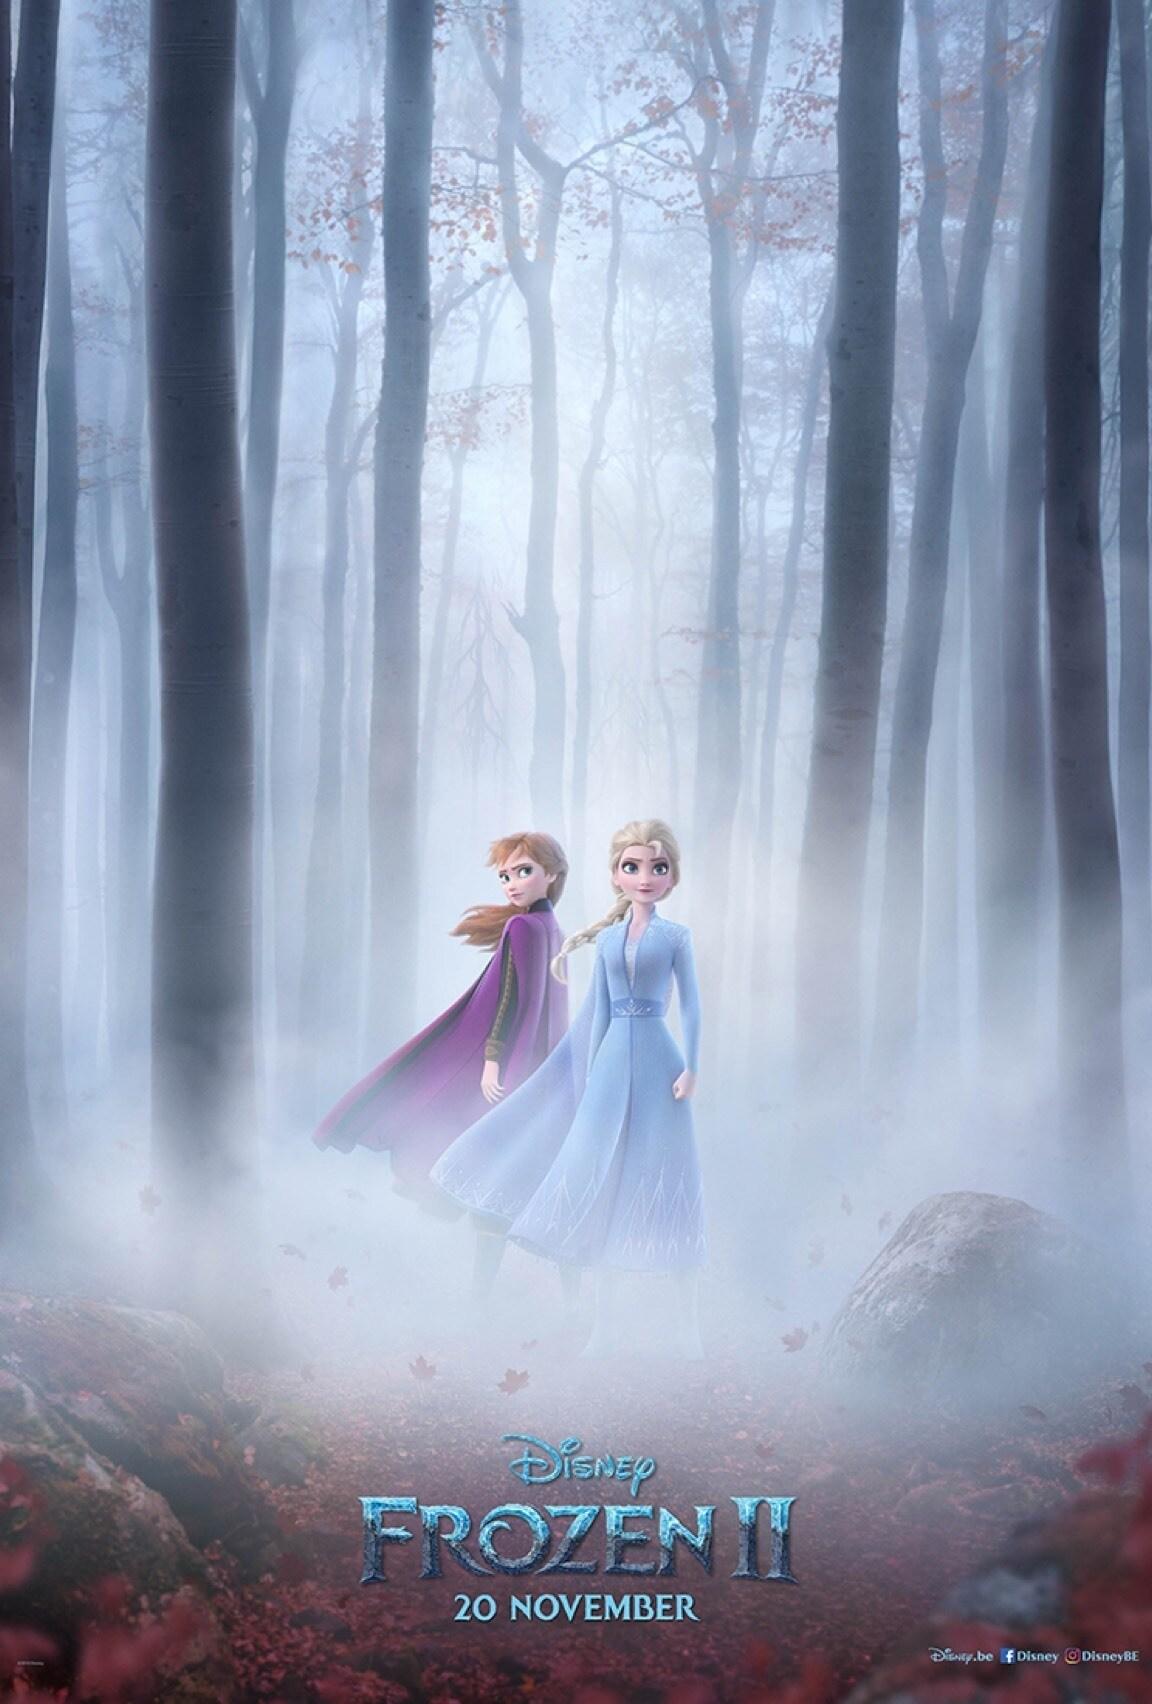 Elsa en Anna staan in een bos en worden in mist gehuld